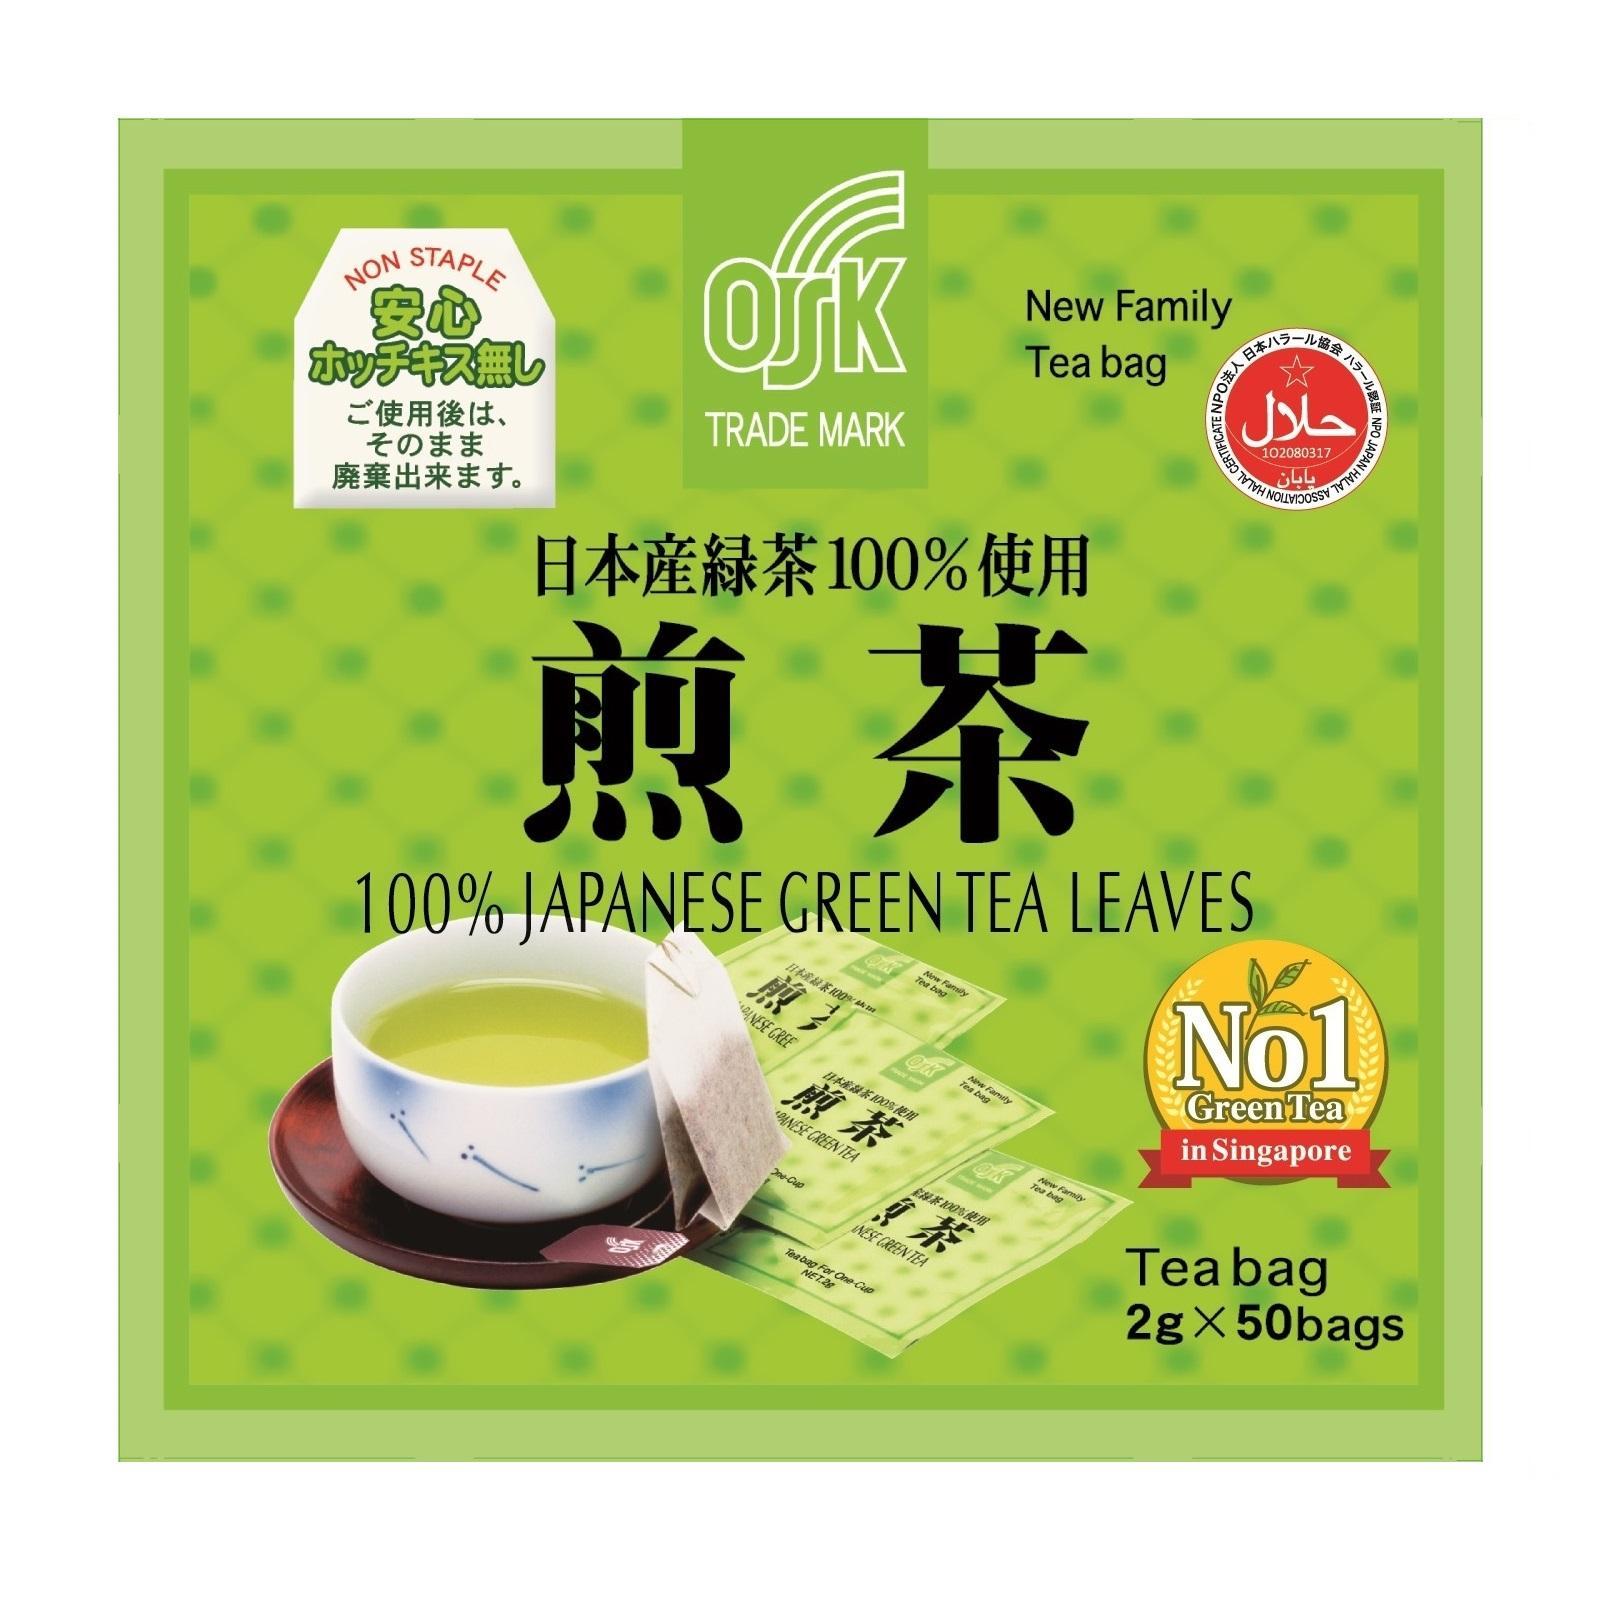 OSK - Buy OSK at Best Price in Singapore | redmart lazada sg